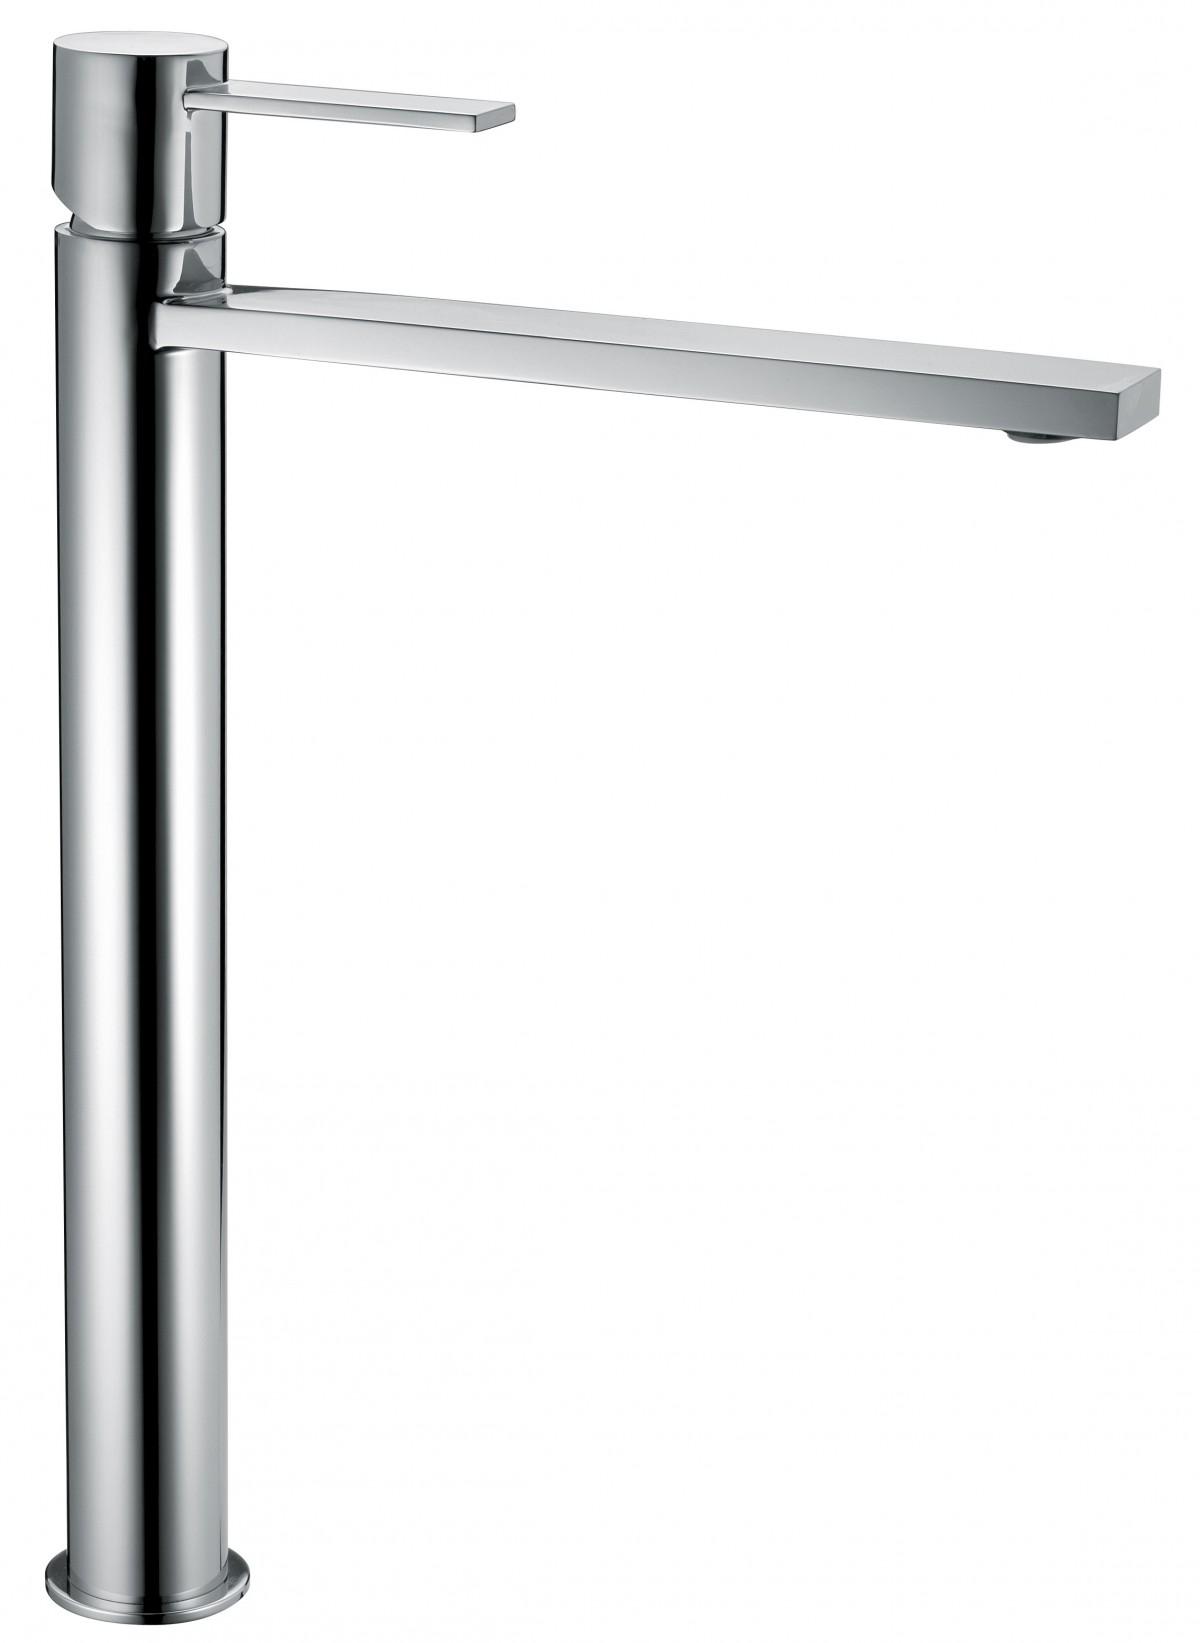 Gaia monocomando lavabo alto frattini rubinetterie - Rubinetteria bagno frattini prezzi ...